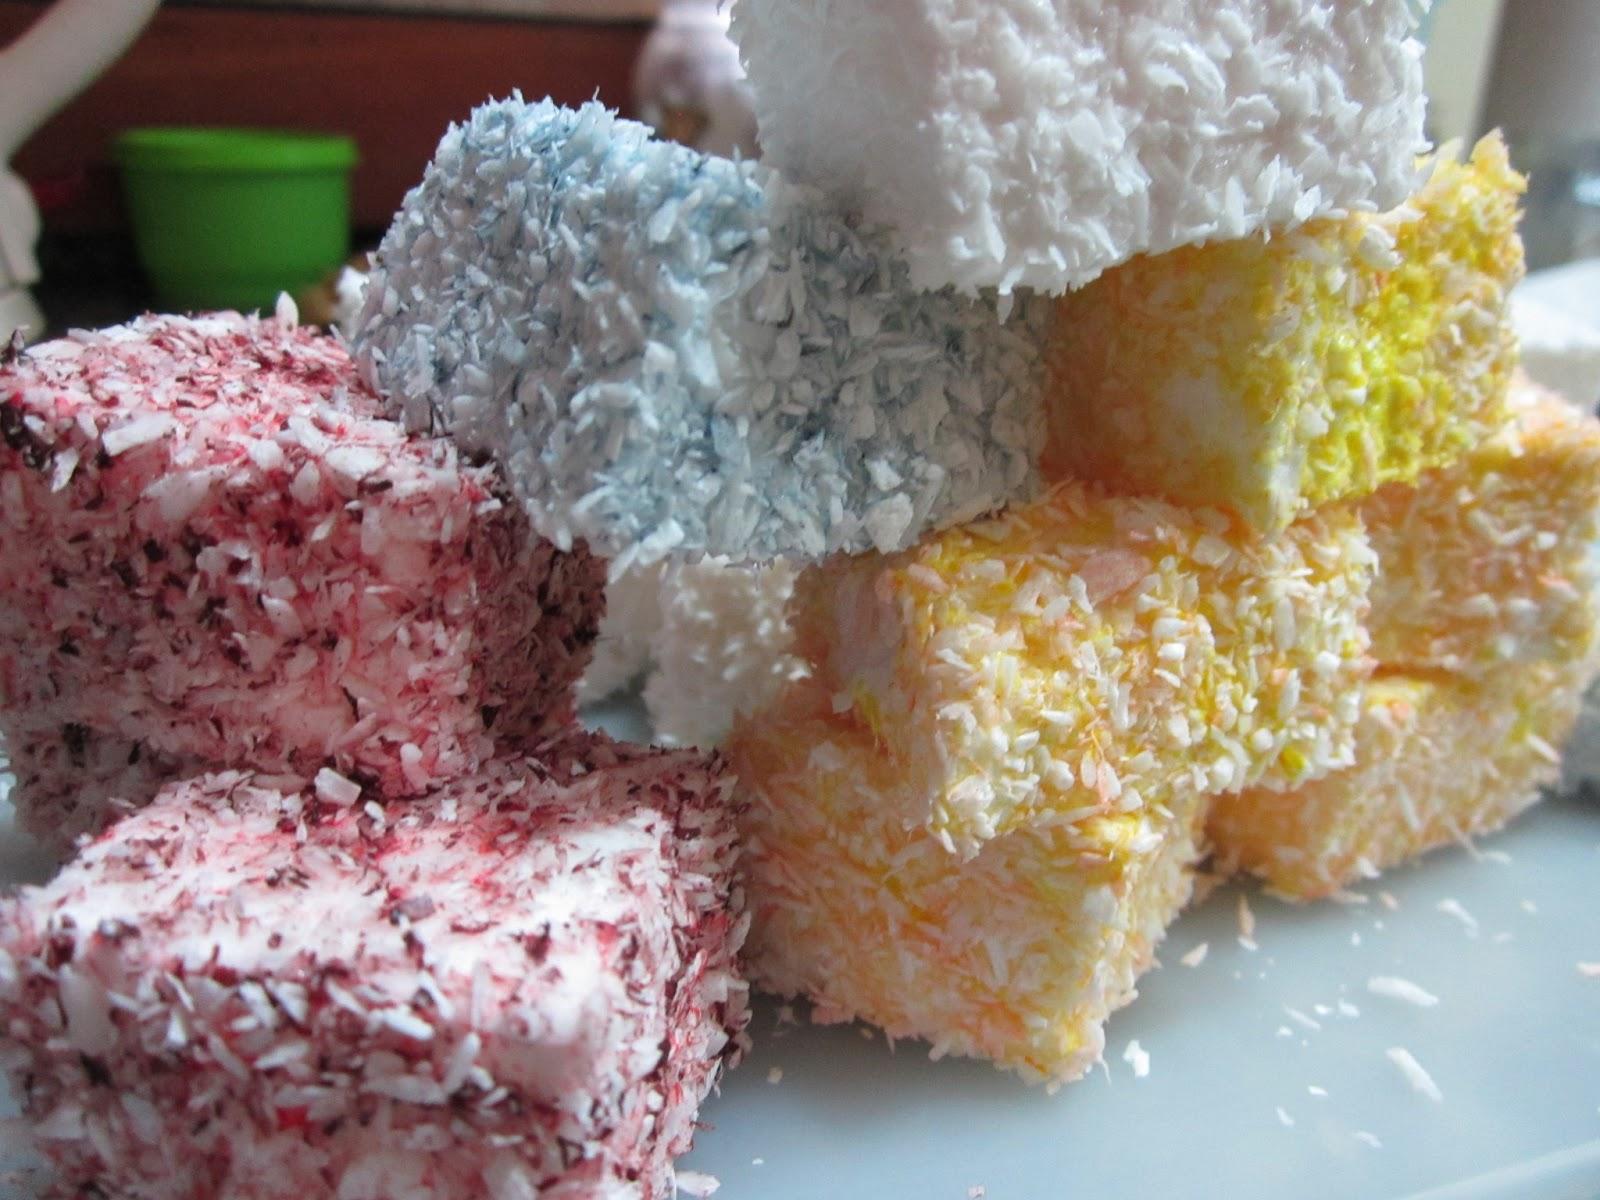 Ev yapımı hamur işleri: süzme peynir ile cupcakes. reçete